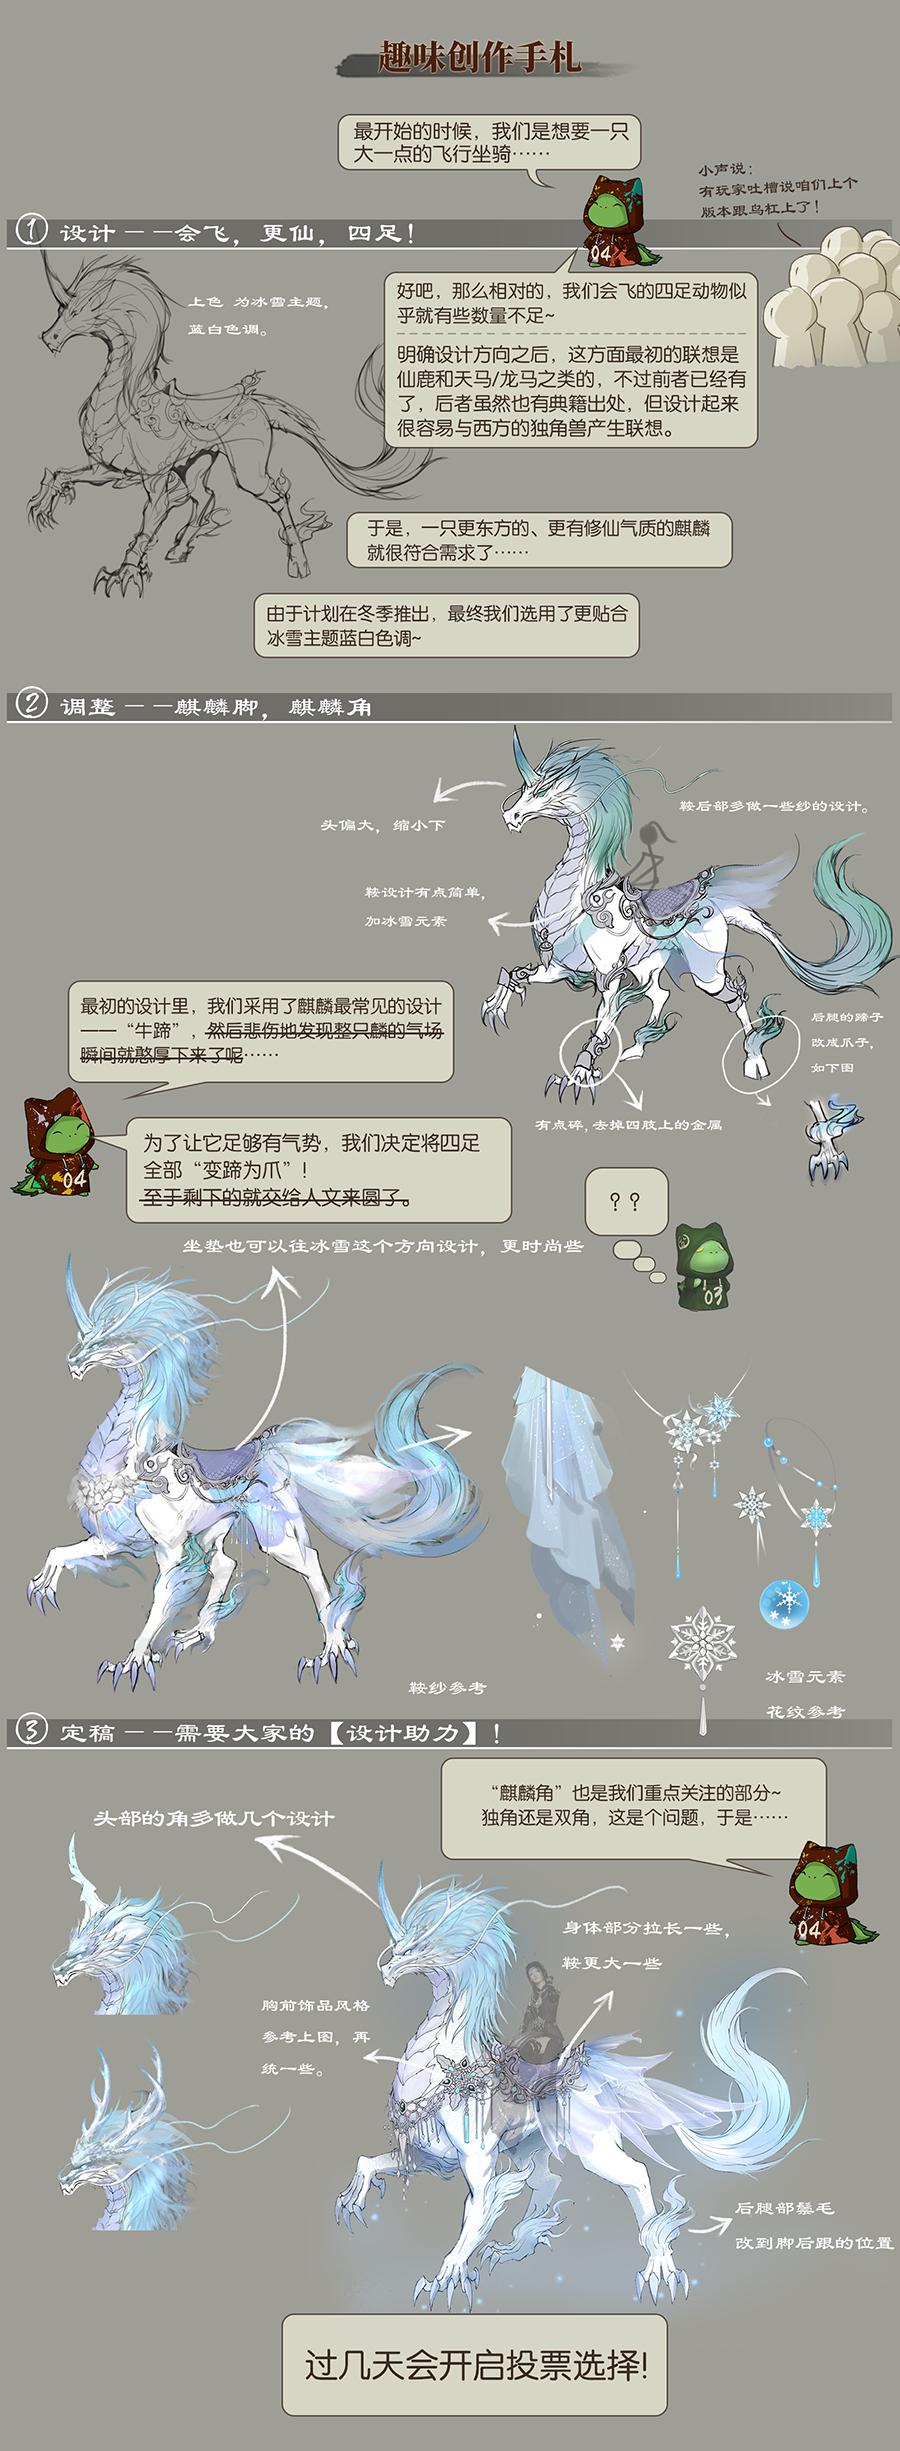 《古剑奇谭OL》银月冰麟设计助力活动介绍